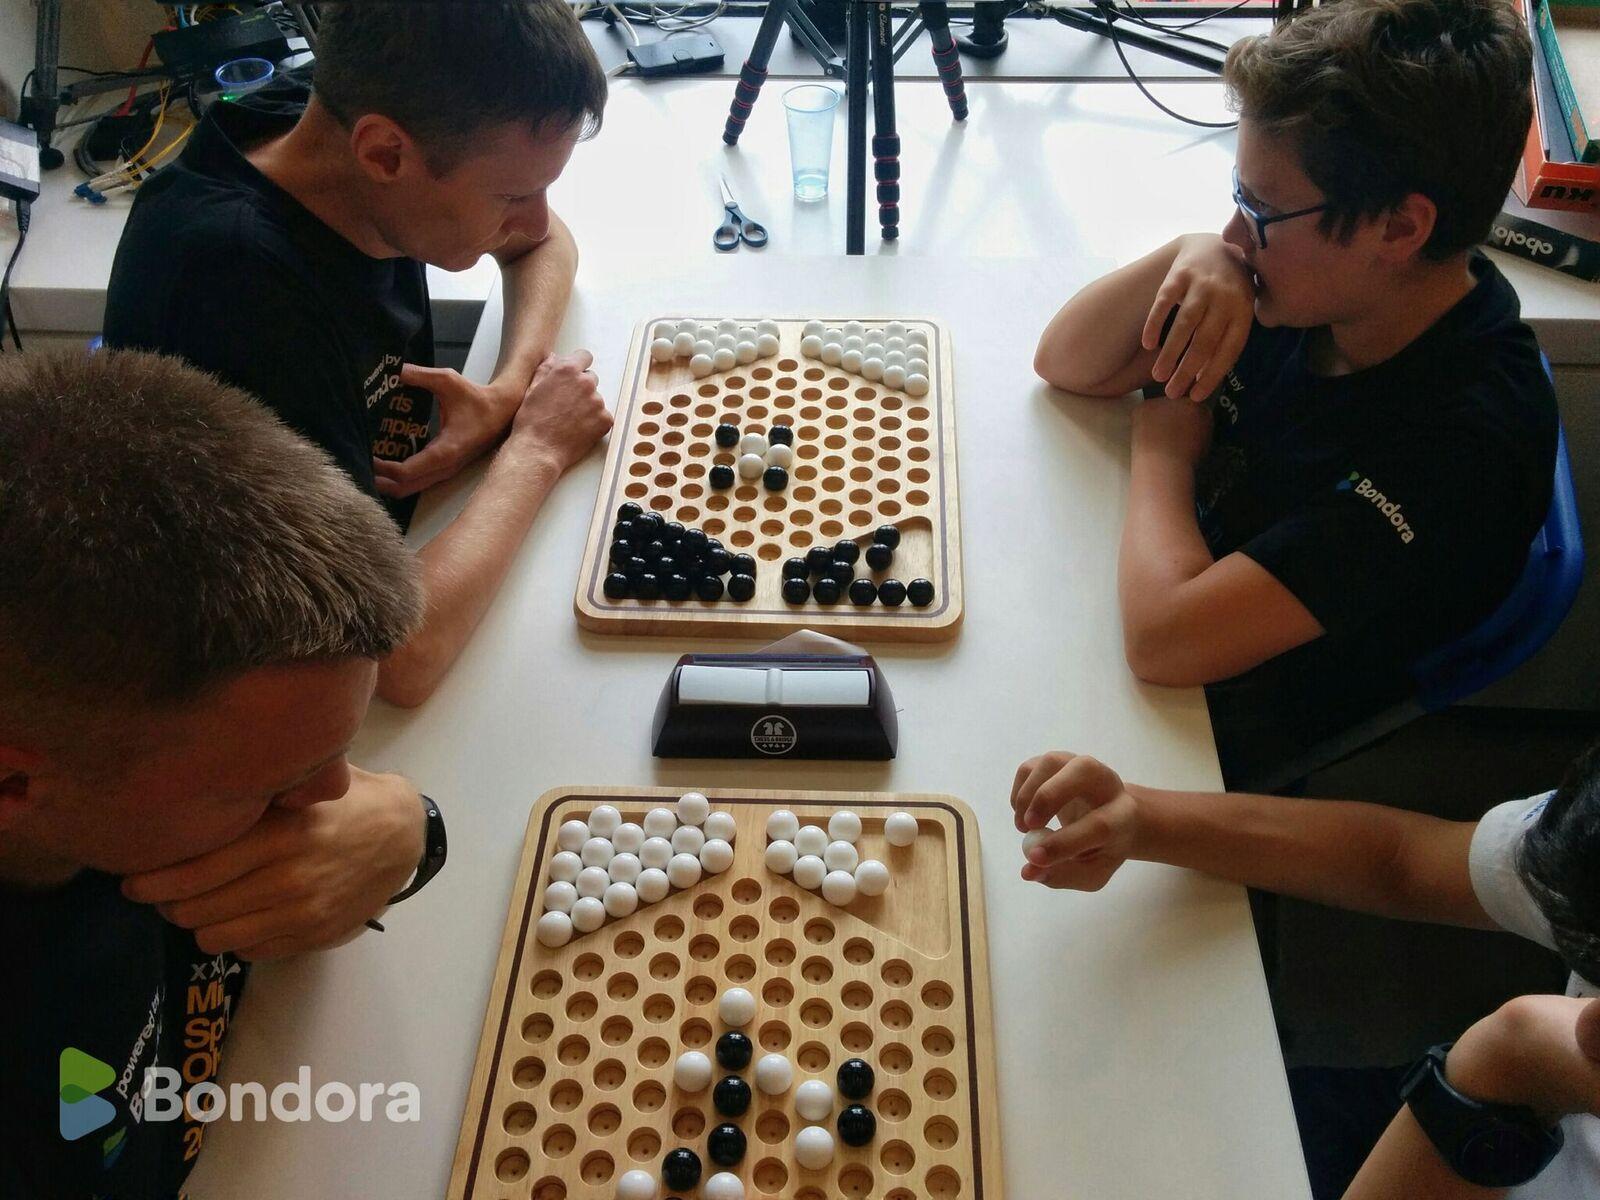 Londoni mõttemängude MM-i hõbeda ja pronksi võitsid Martin Hõbemägi ja Andres Kuusk